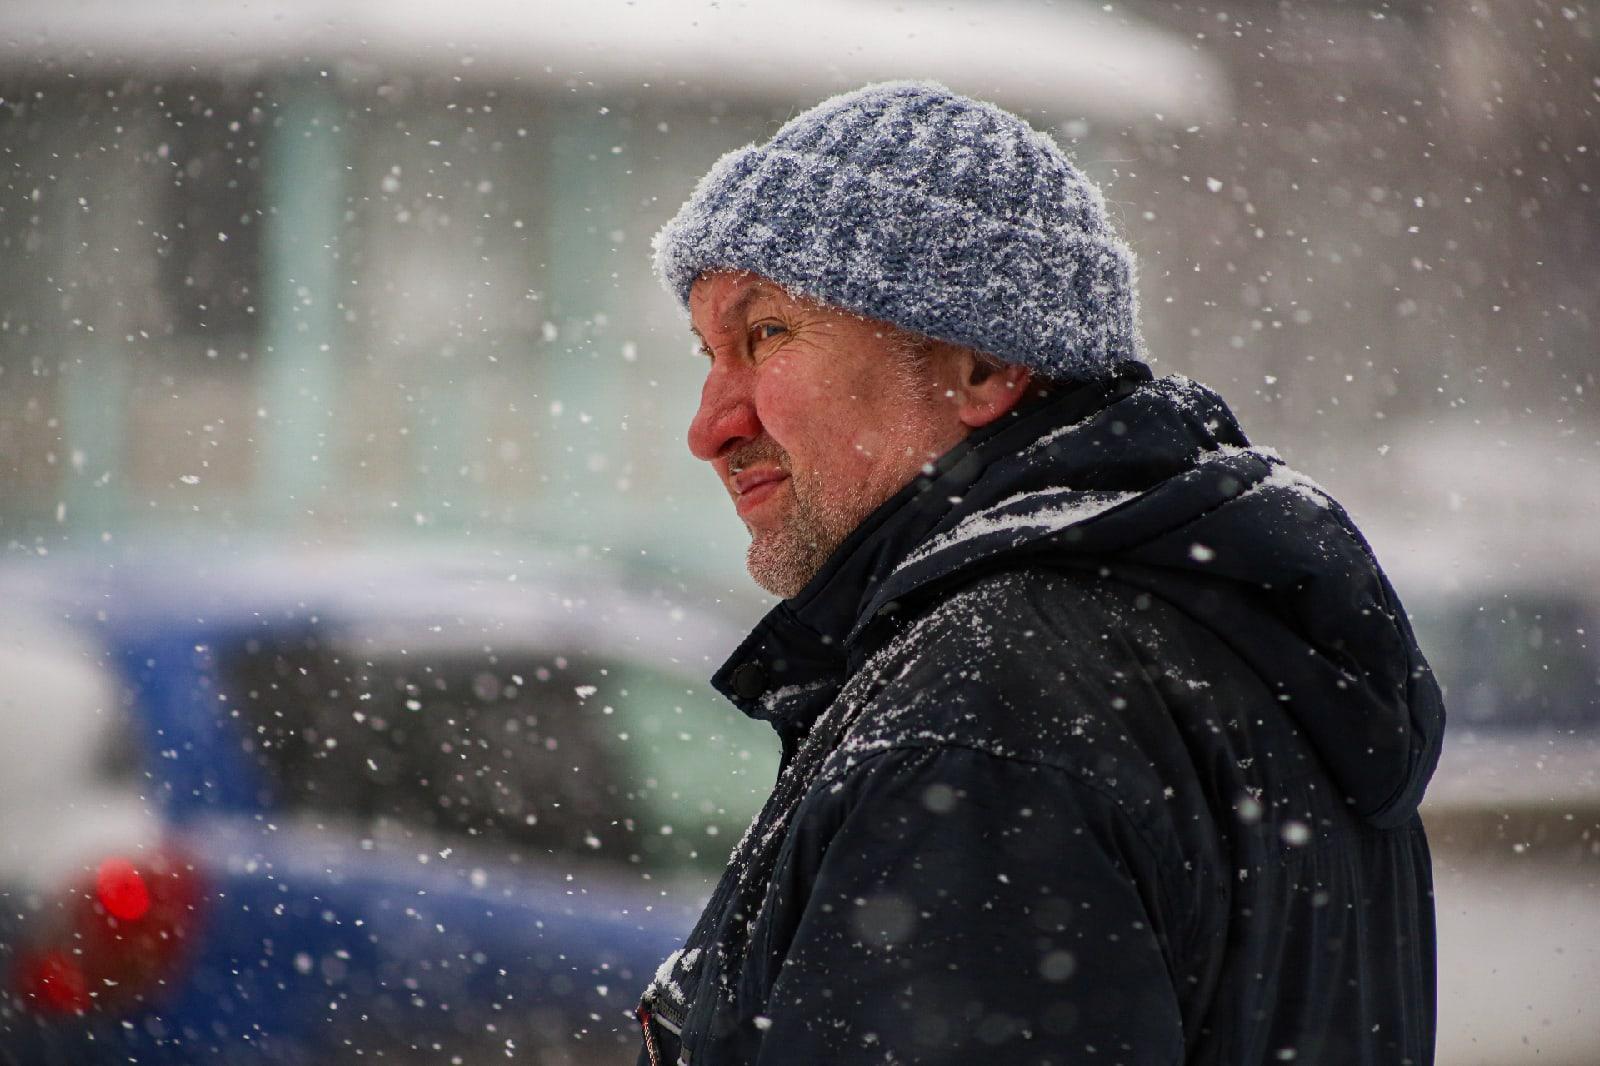 фото Выключите снег: метели с сильным ветром обрушились на Новосибирск 8 февраля 8